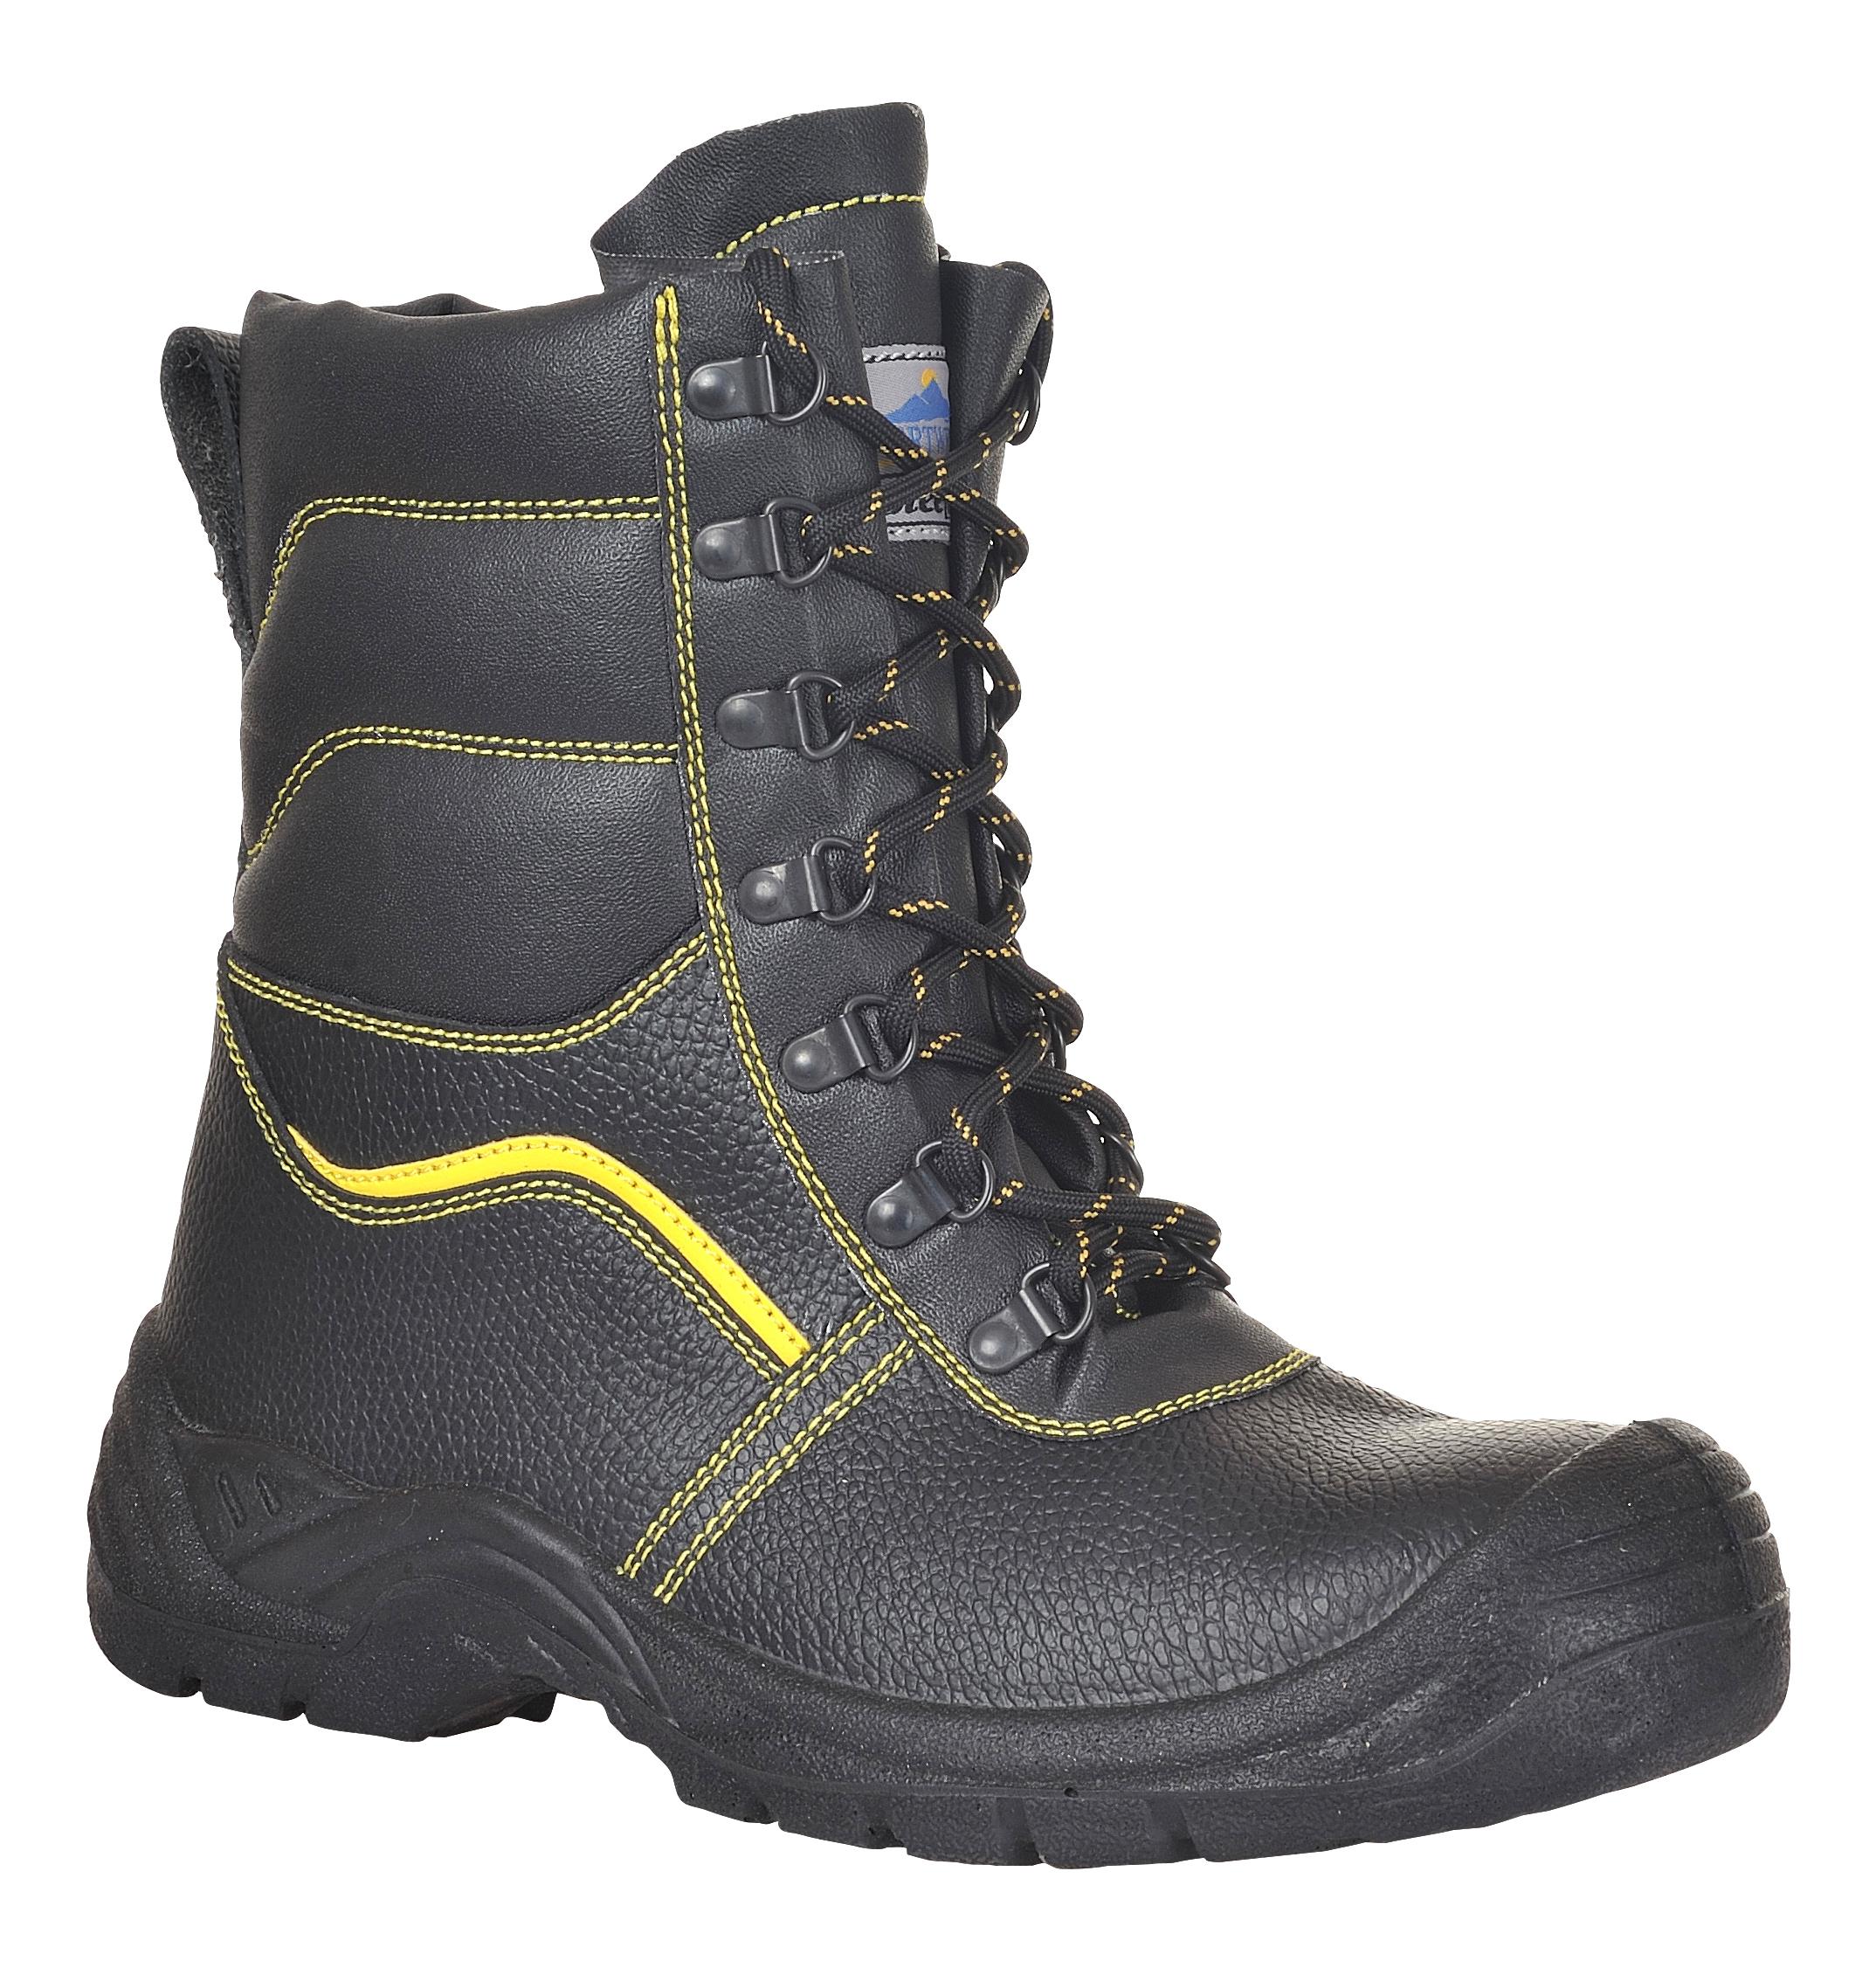 FW05 Fur-lined Steel Toe Winter Boot